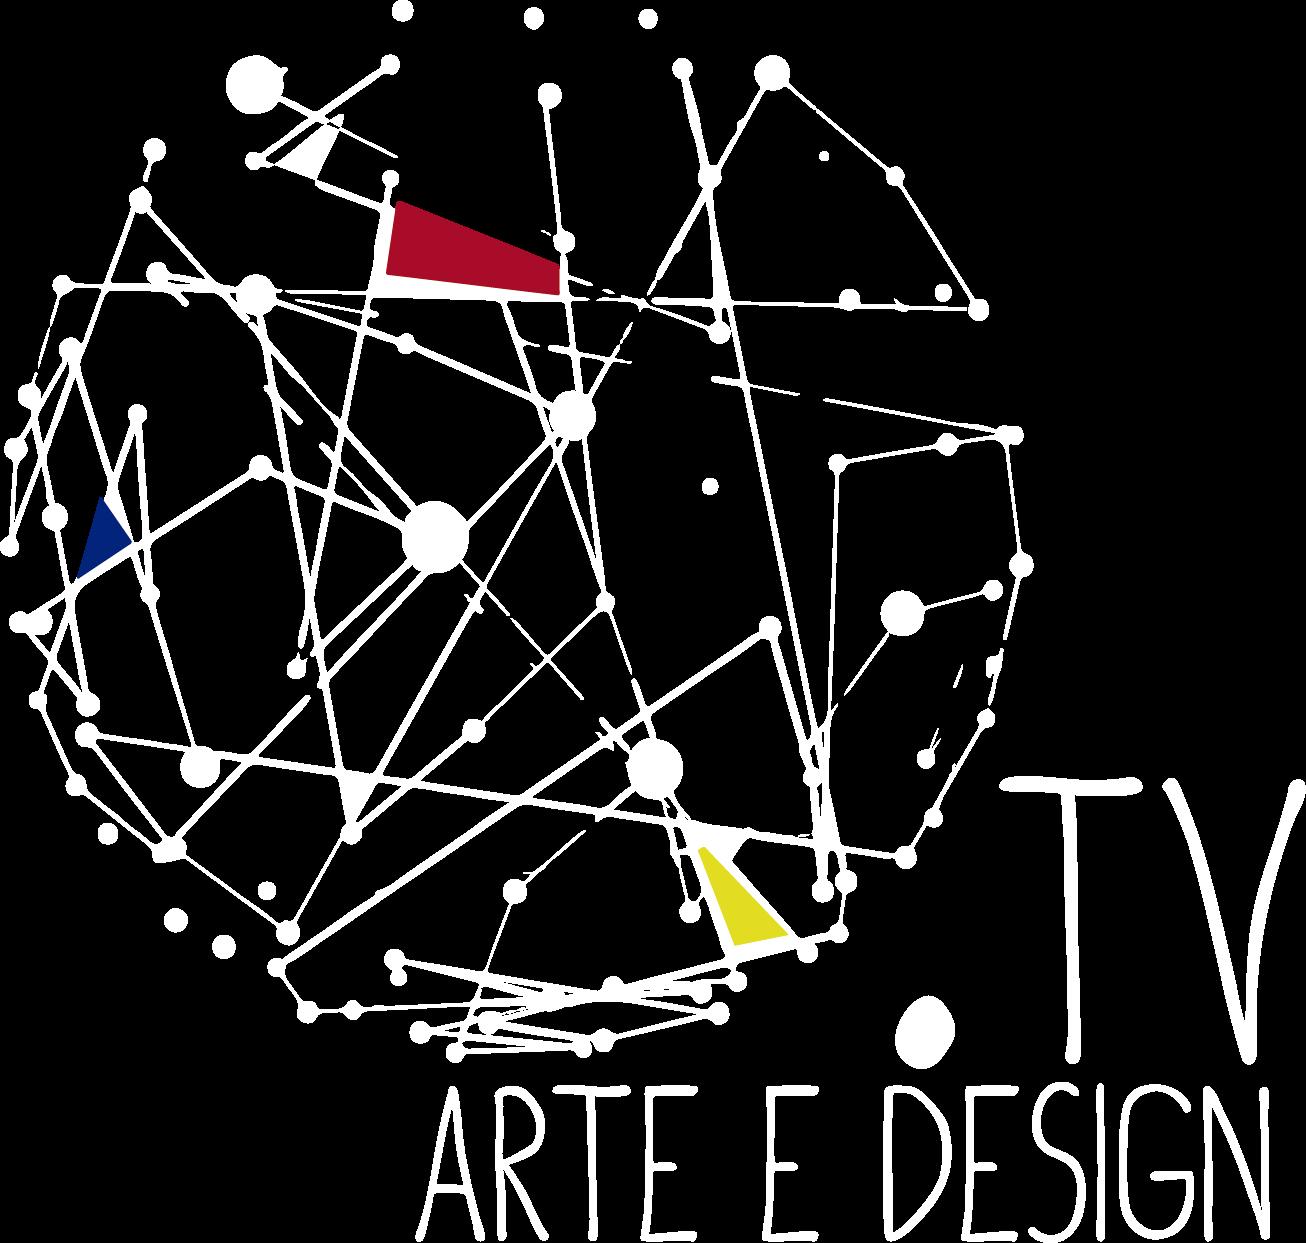 TV ARTEDESIGN – Arte, conteúdo e informação.